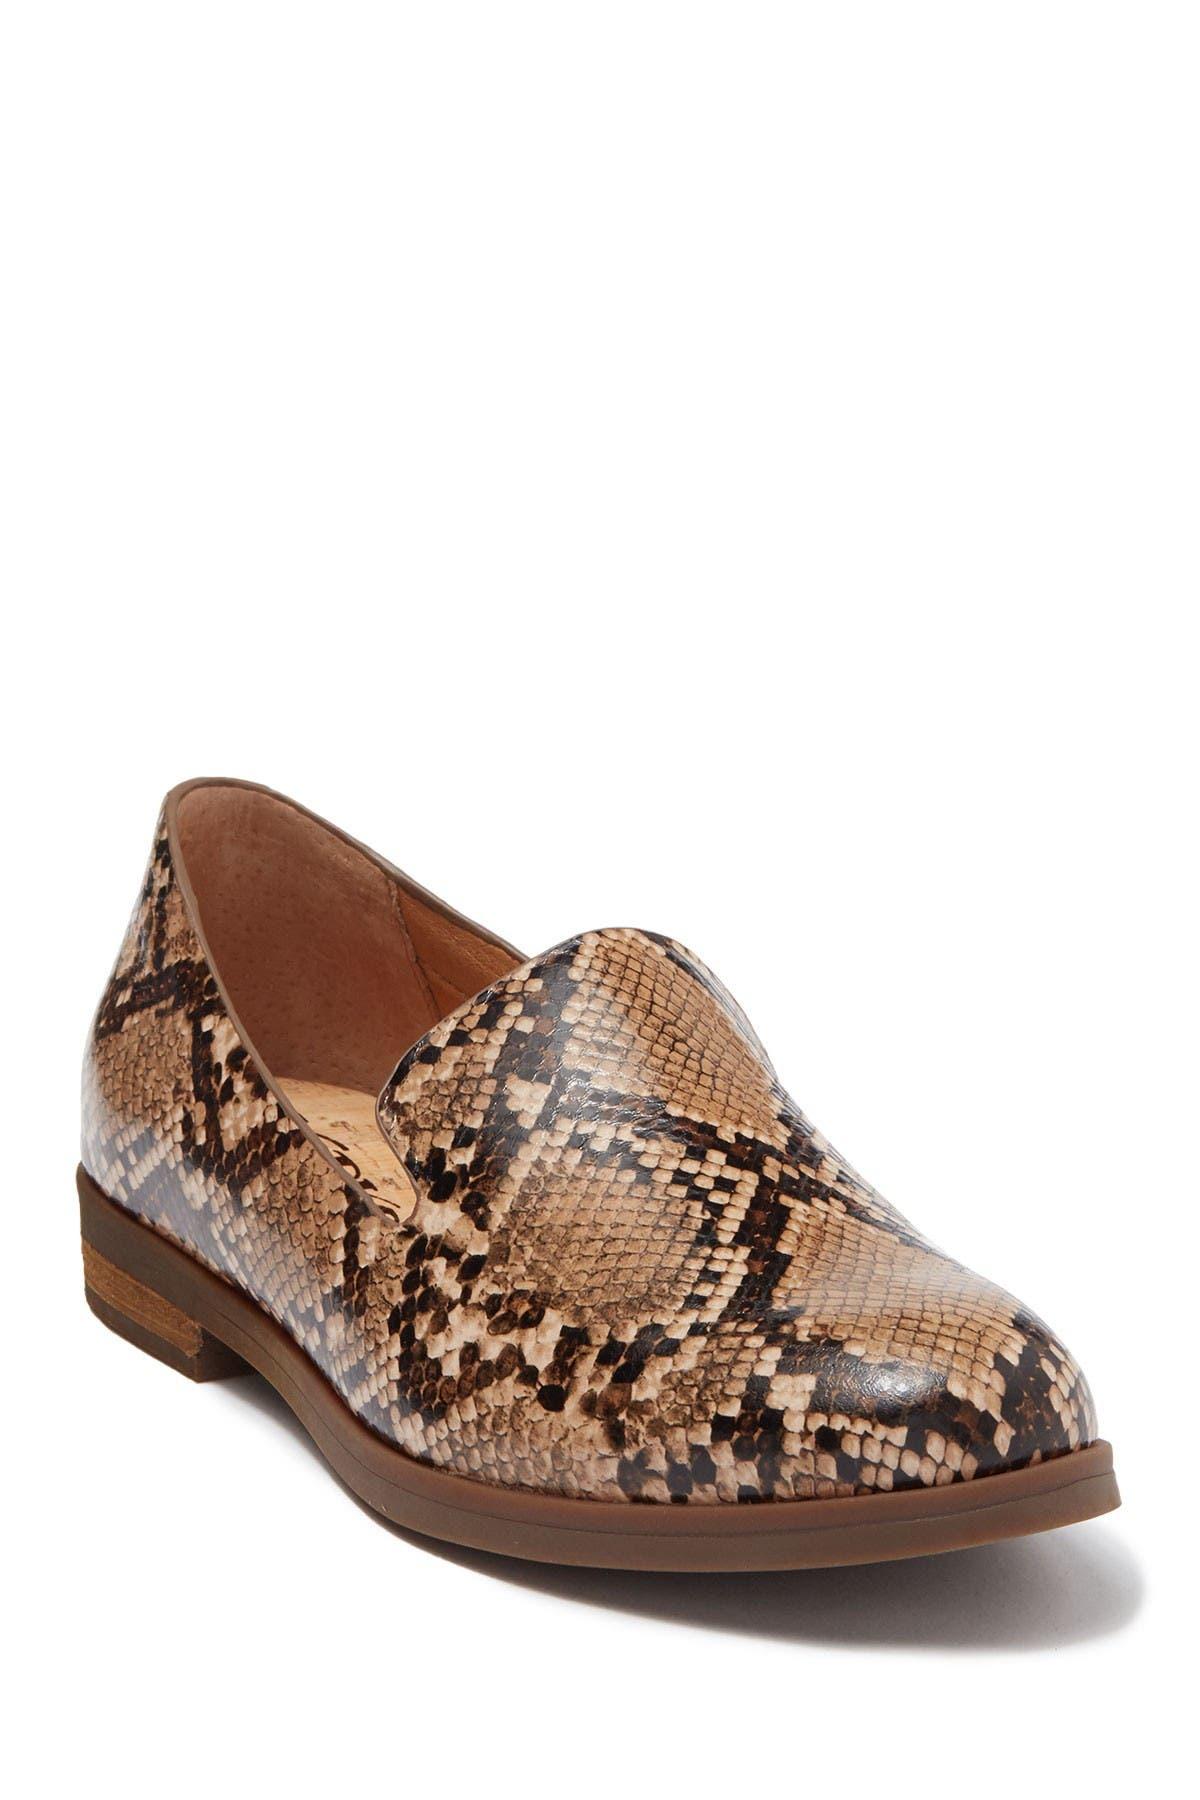 leopard print shoes near me